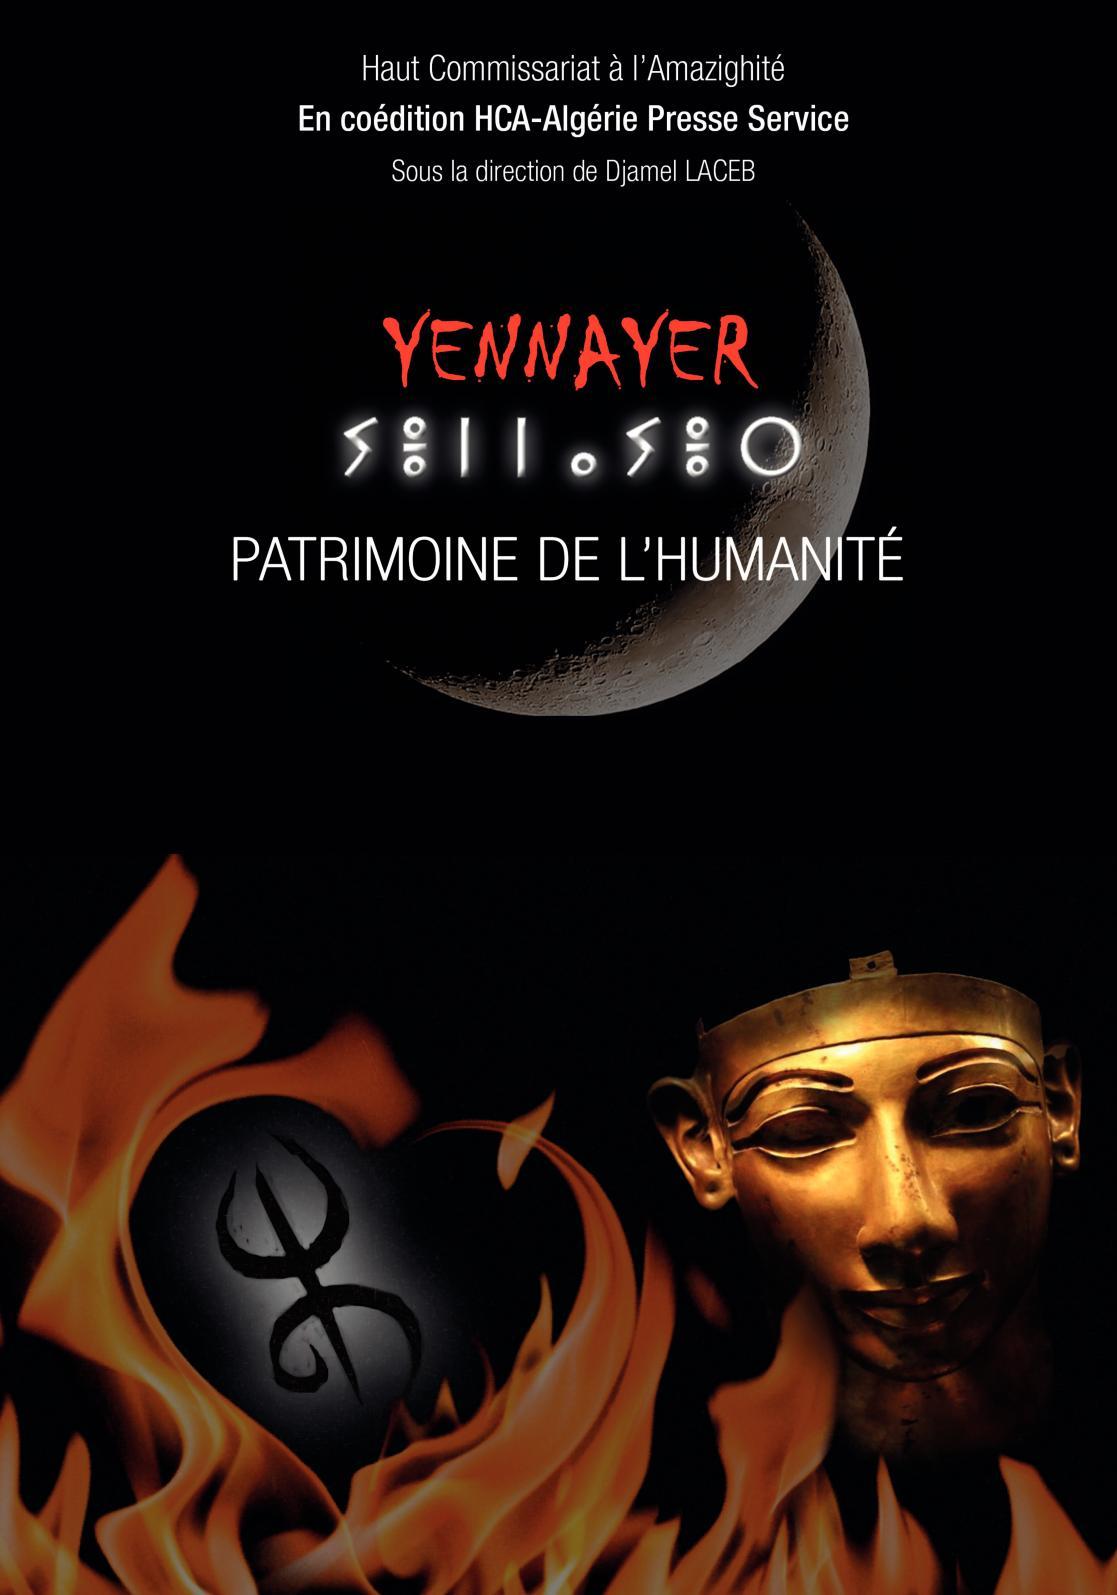 Yennayer : Patrimoine de l'humanité